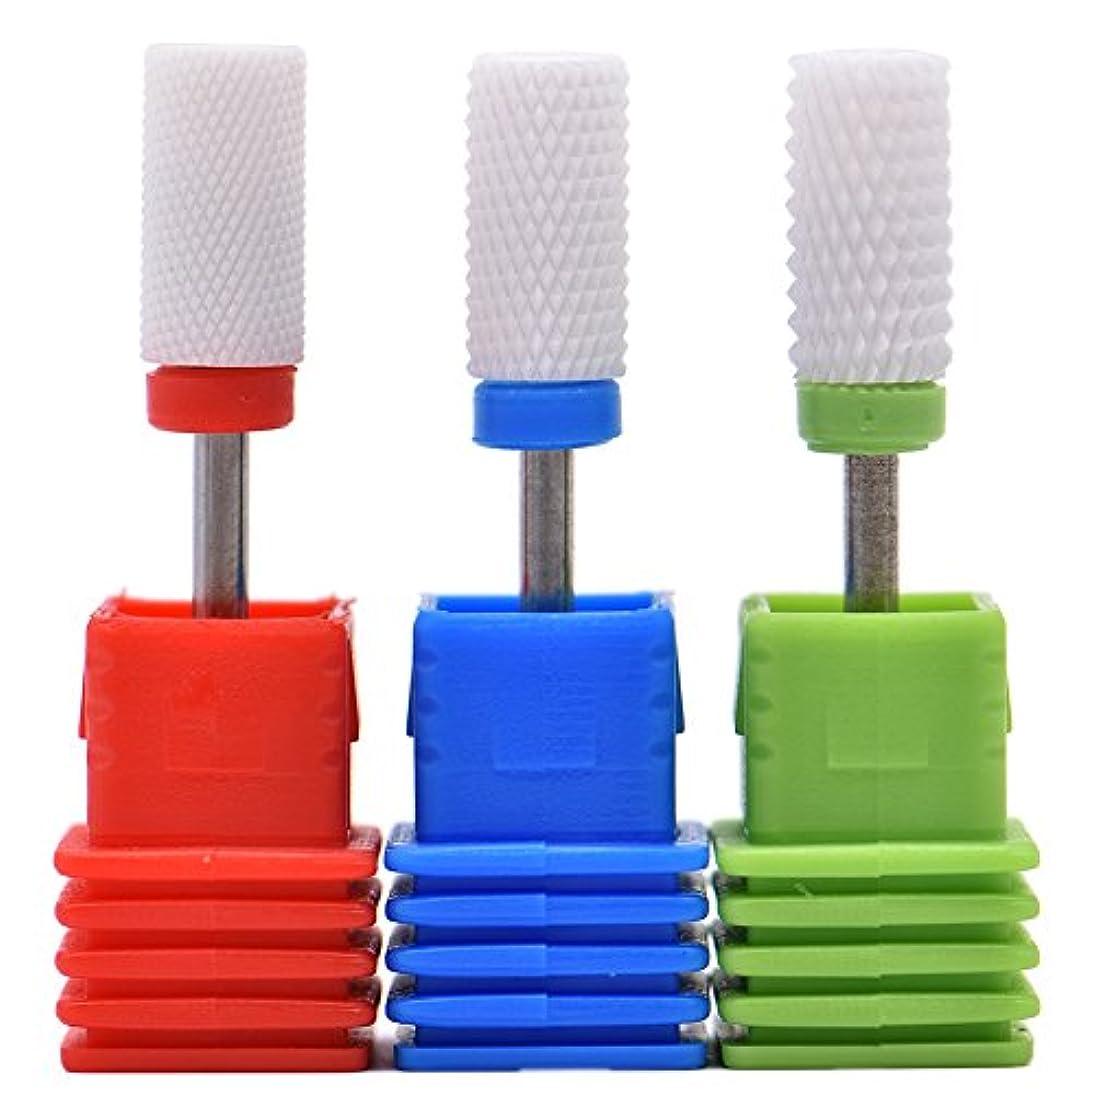 明らか誇り真実にOral Dentistry ネイルアート ドリルビット 研削ヘッド 研磨ヘッド ネイル グラインド ヘッド 爪 磨き 研磨 研削 セラミック 全3色 (レッドF(微研削)+グリーンC(粗研削)+ブルーM(中仕上げ))